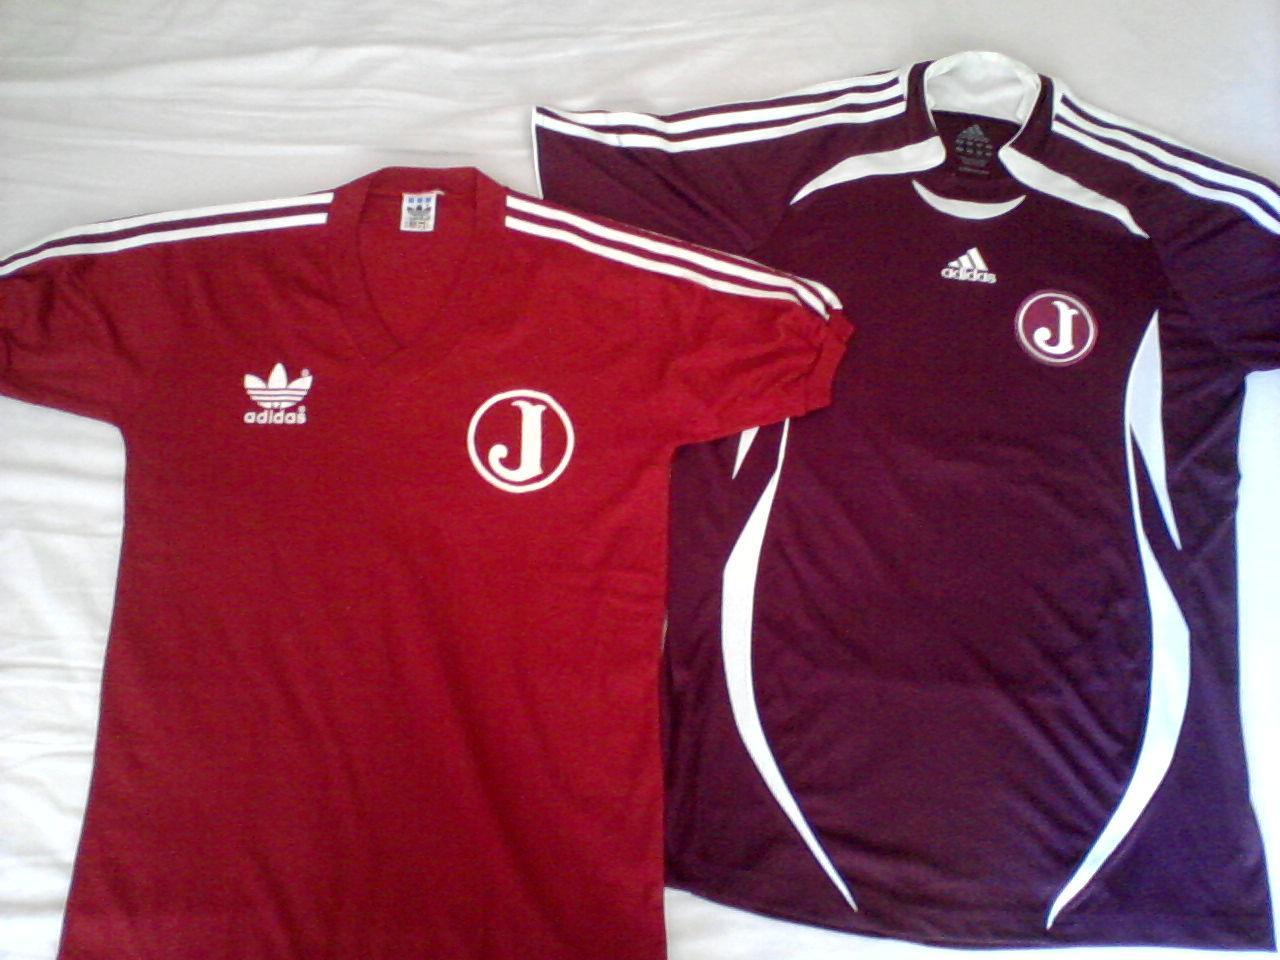 1b28eb87d9 Manto Juventino - As camisas do Clube Atlético Juventus  2011